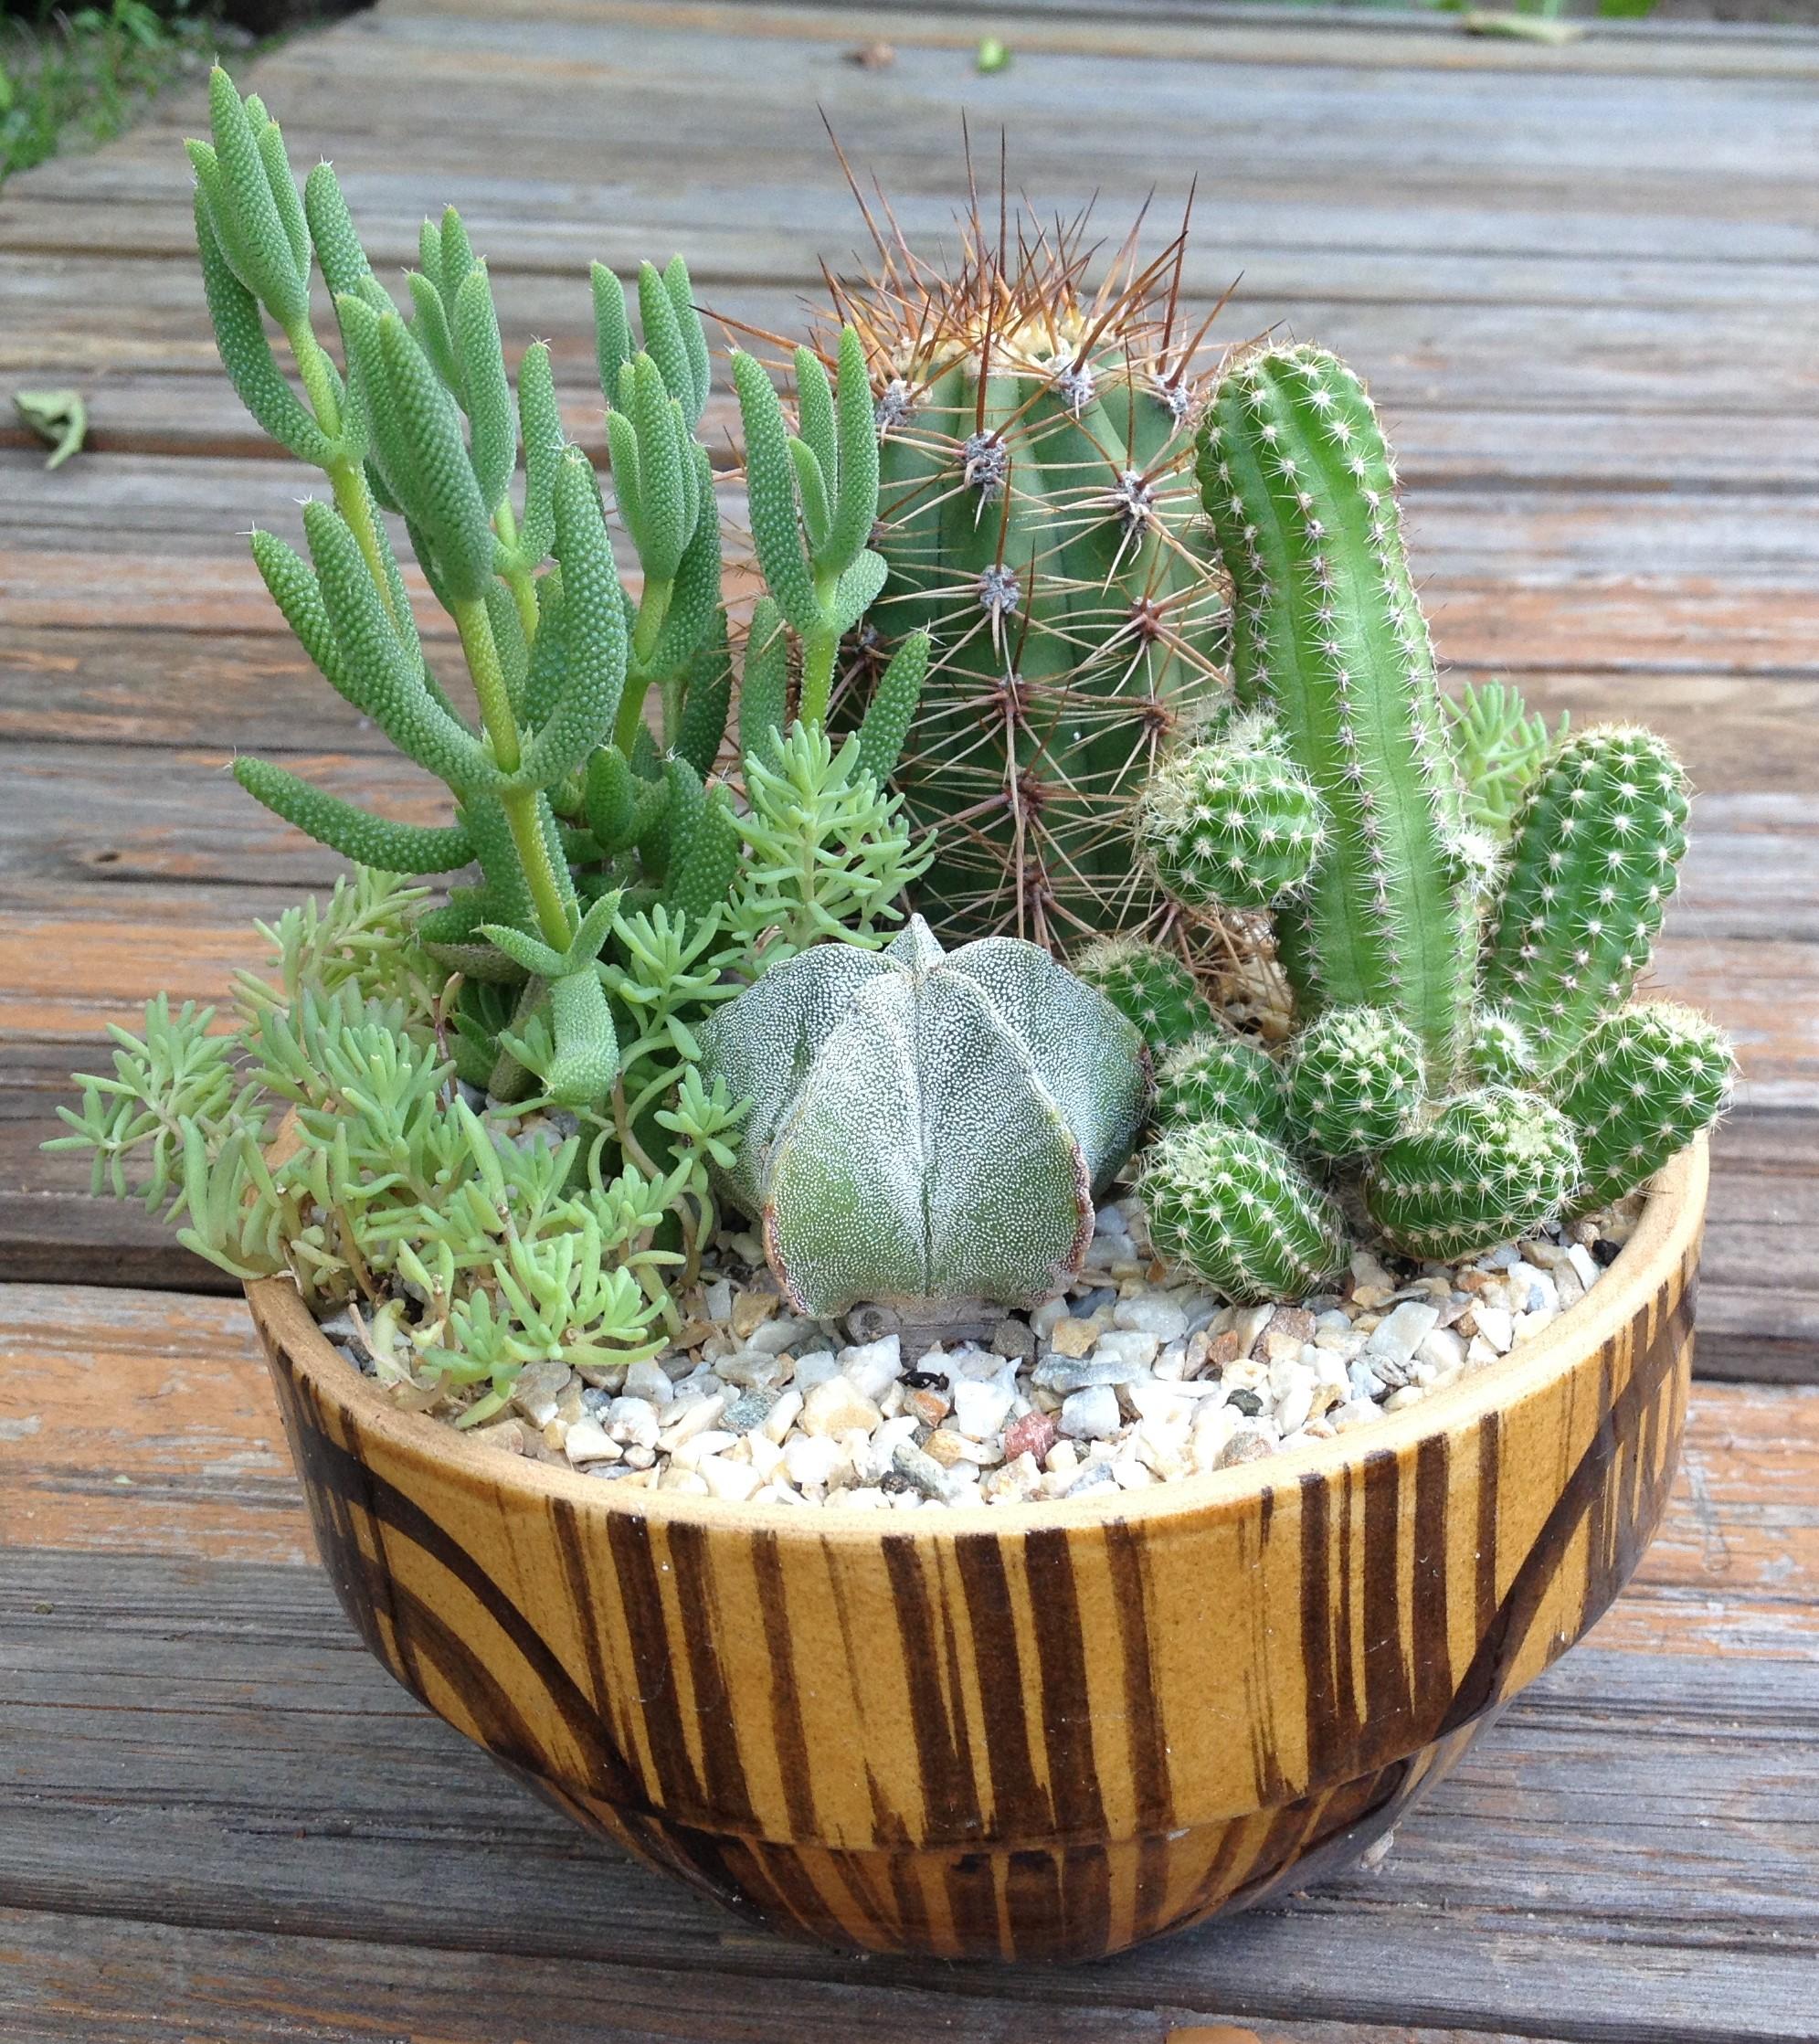 Названия кактусов, виды и уход в домашних условиях